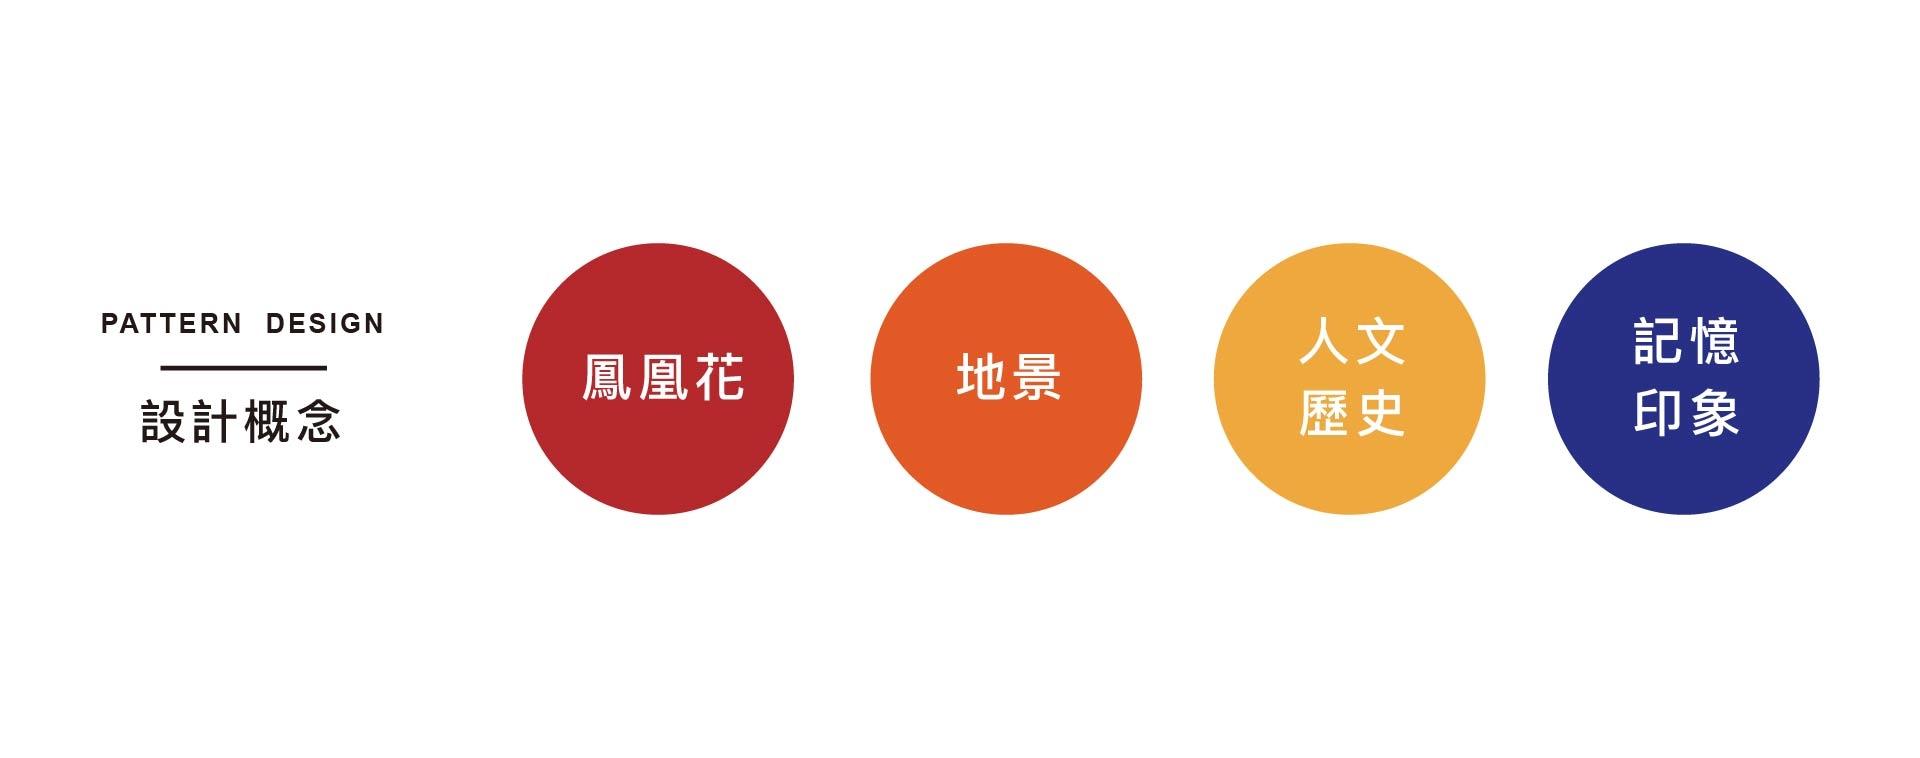 台灣台南地方限定,台南美術館限定印花設計,概念以鳳凰花、人文歷史與記憶印象為設計元素